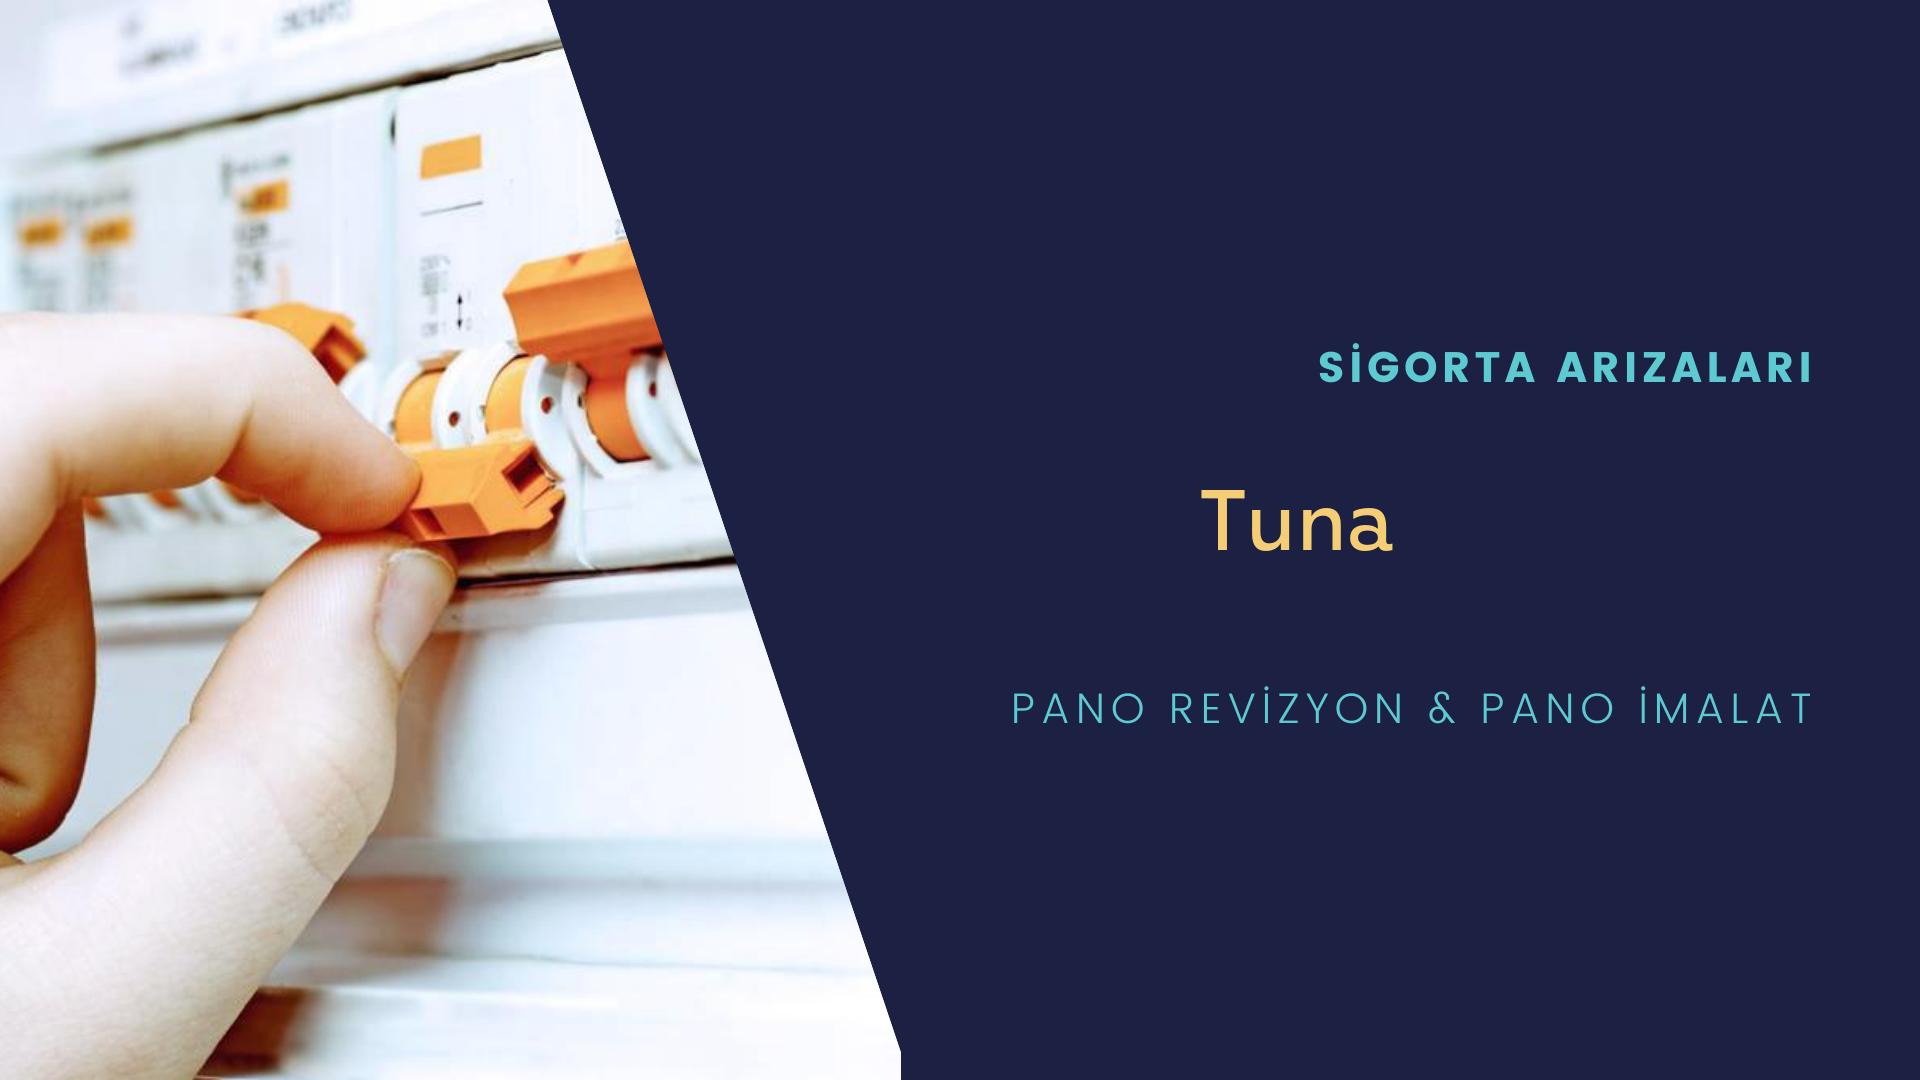 Tuna  Sigorta Arızaları İçin Profesyonel Elektrikçi ustalarımızı dilediğiniz zaman arayabilir talepte bulunabilirsiniz.